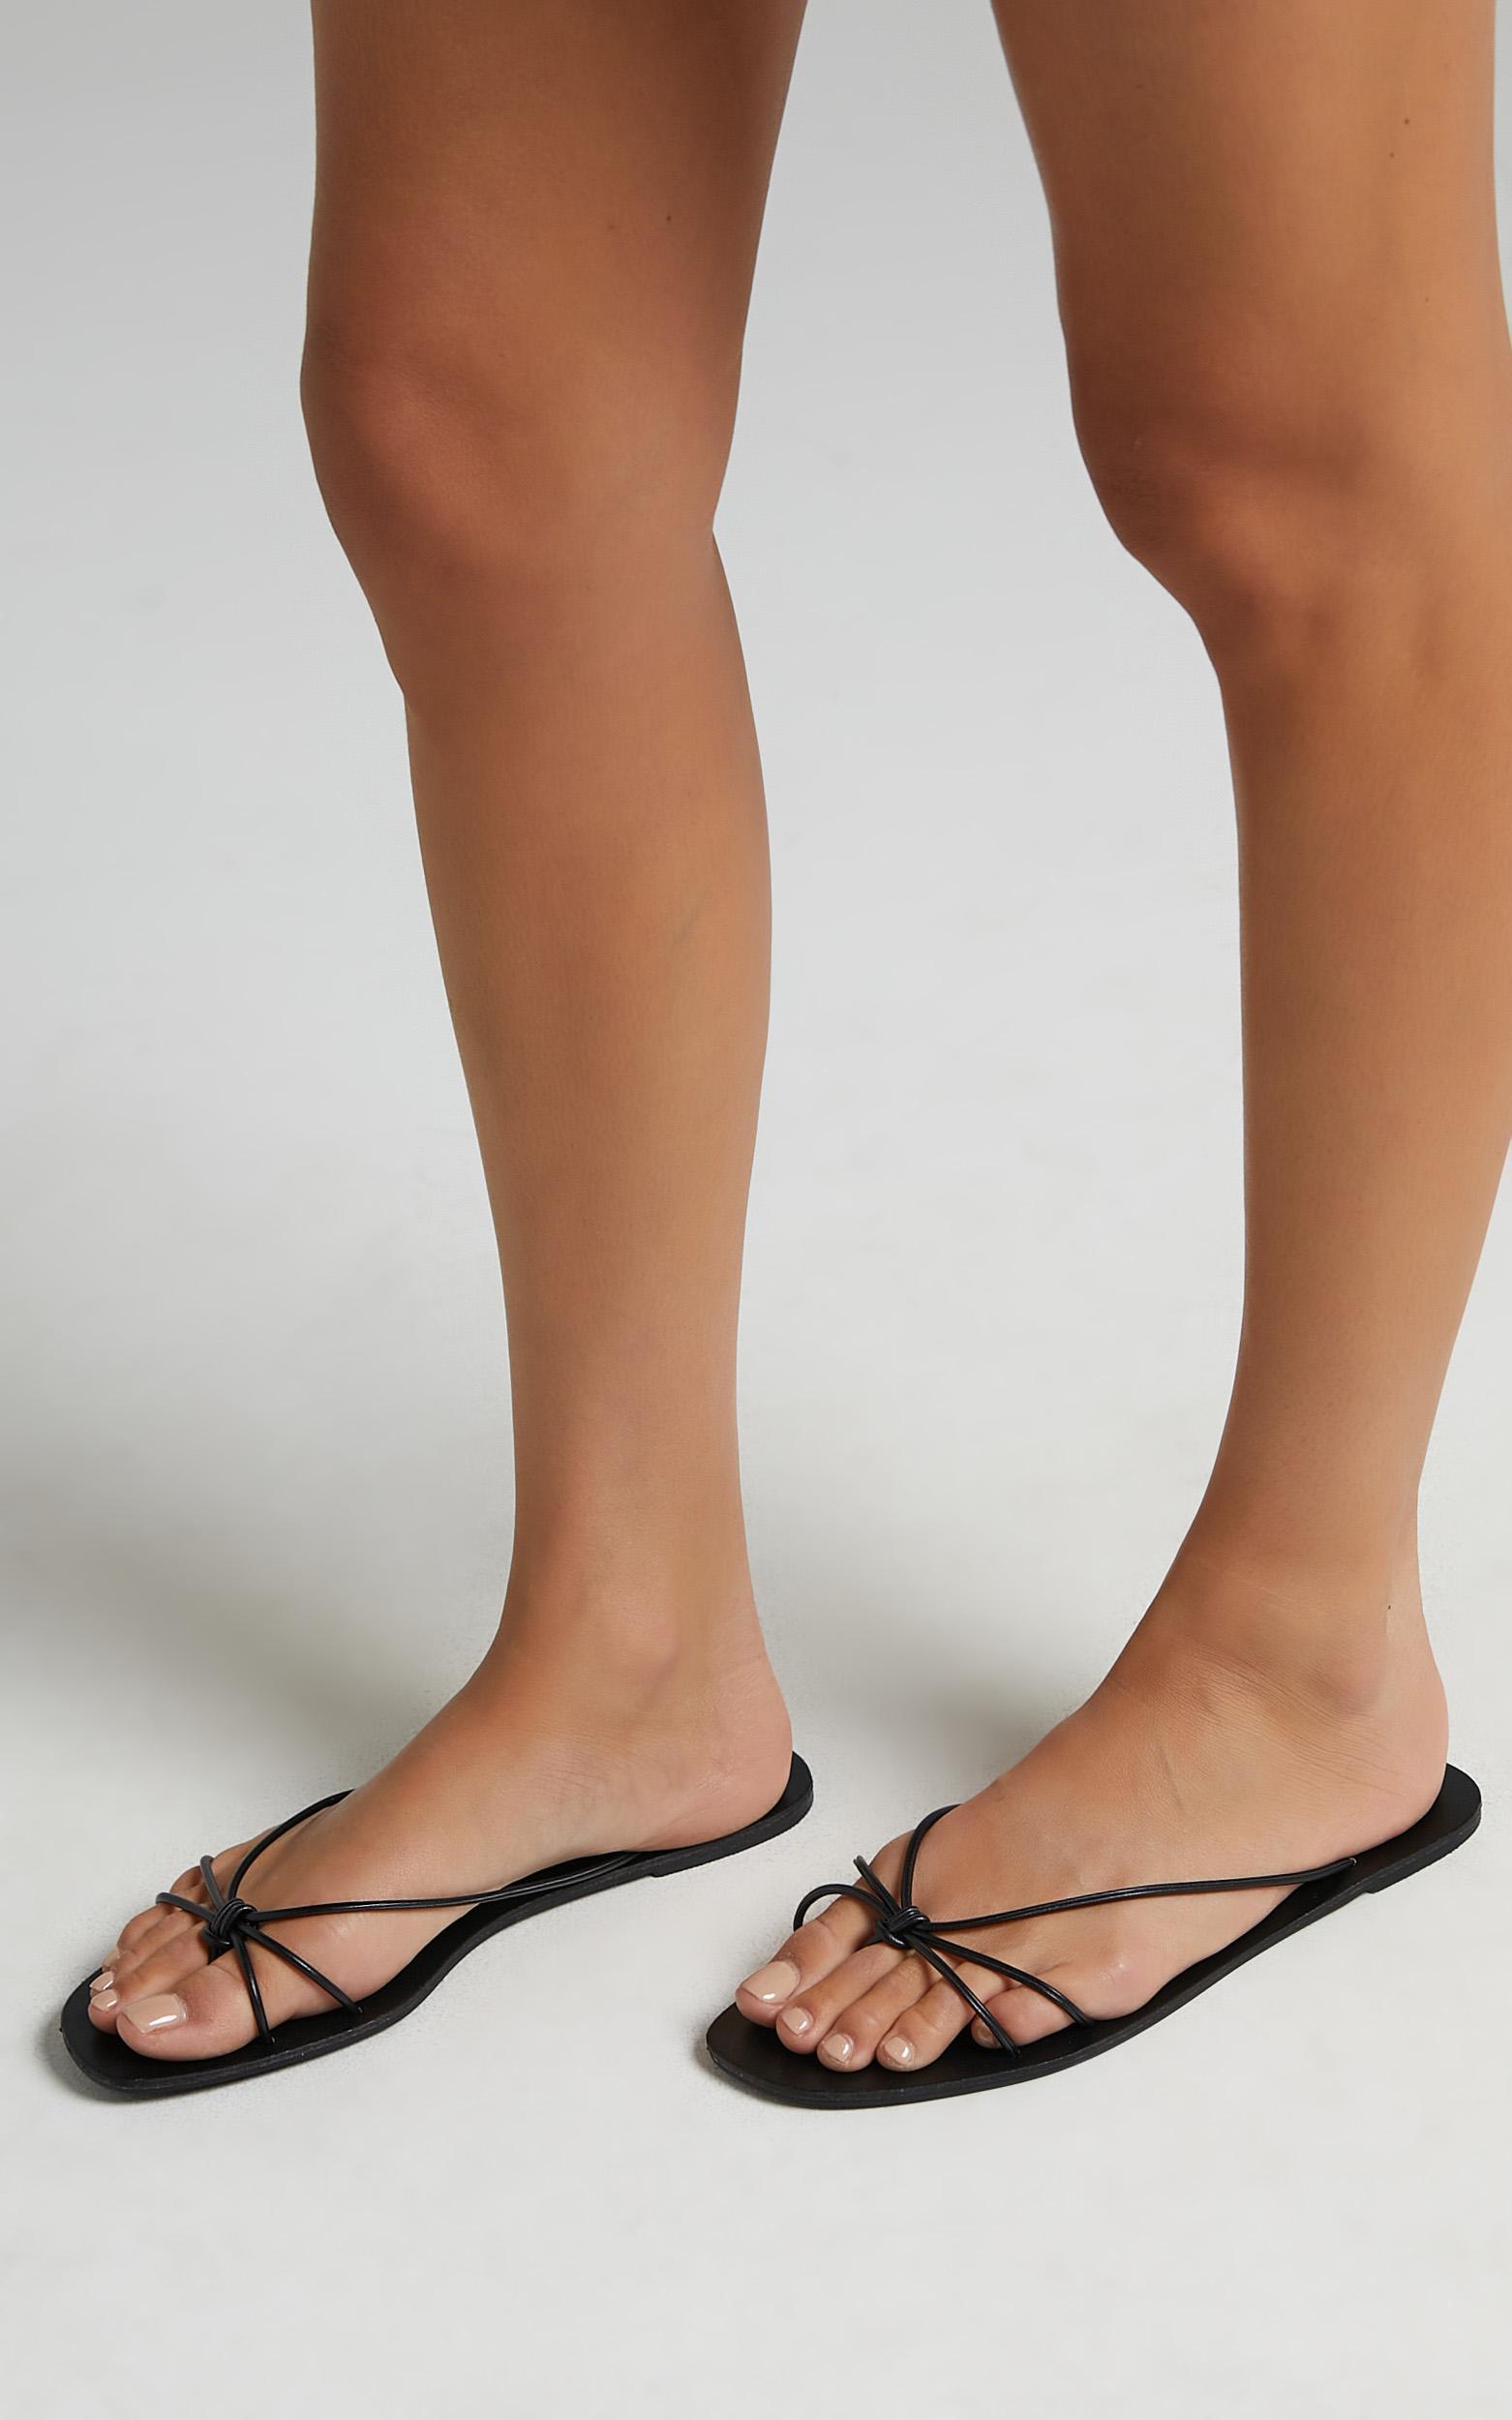 Billini - Helene Sandals in Black - 5, Black, hi-res image number null